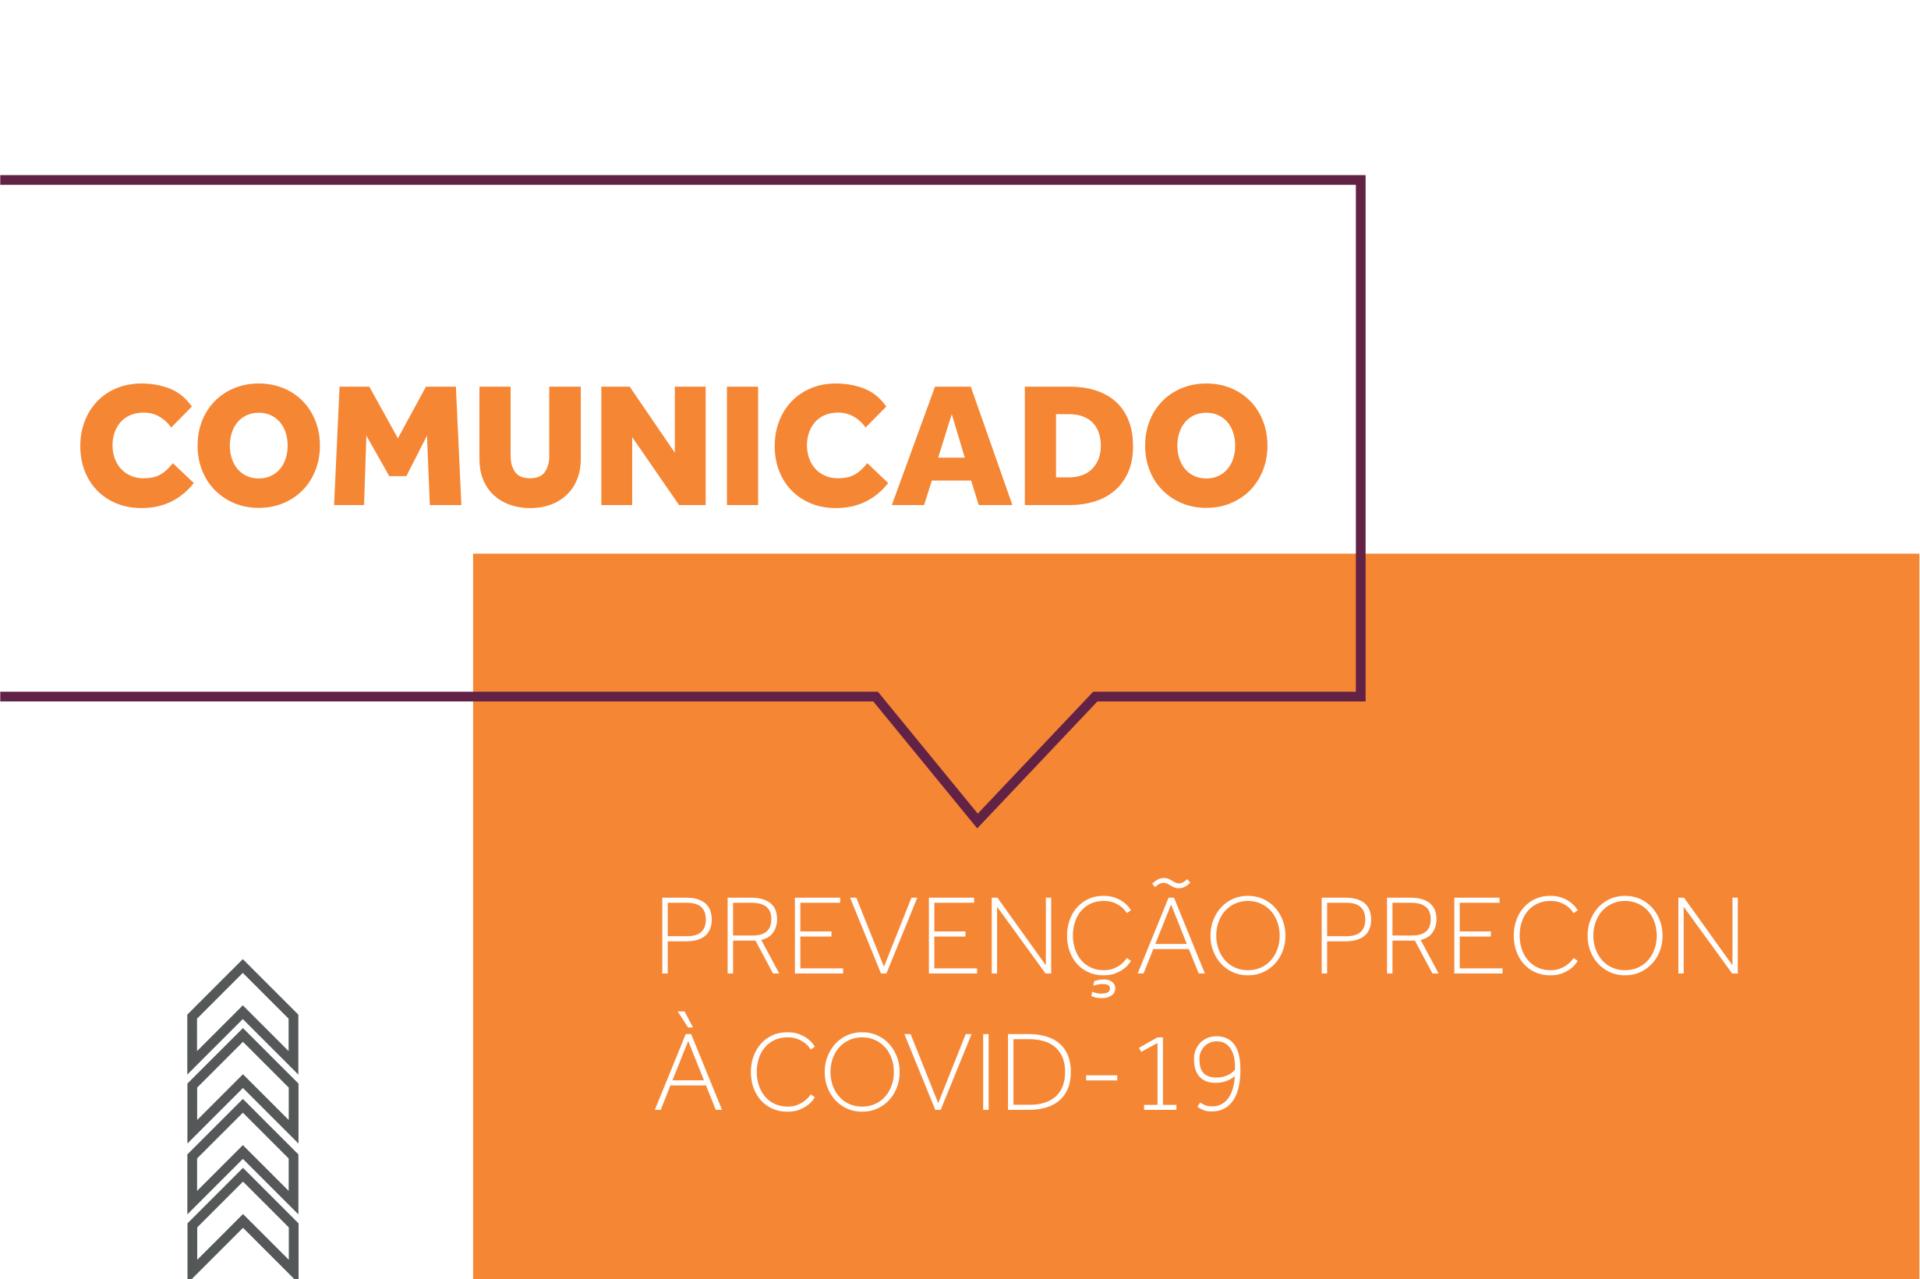 COMUNICADO PRECON ENGENHARIA